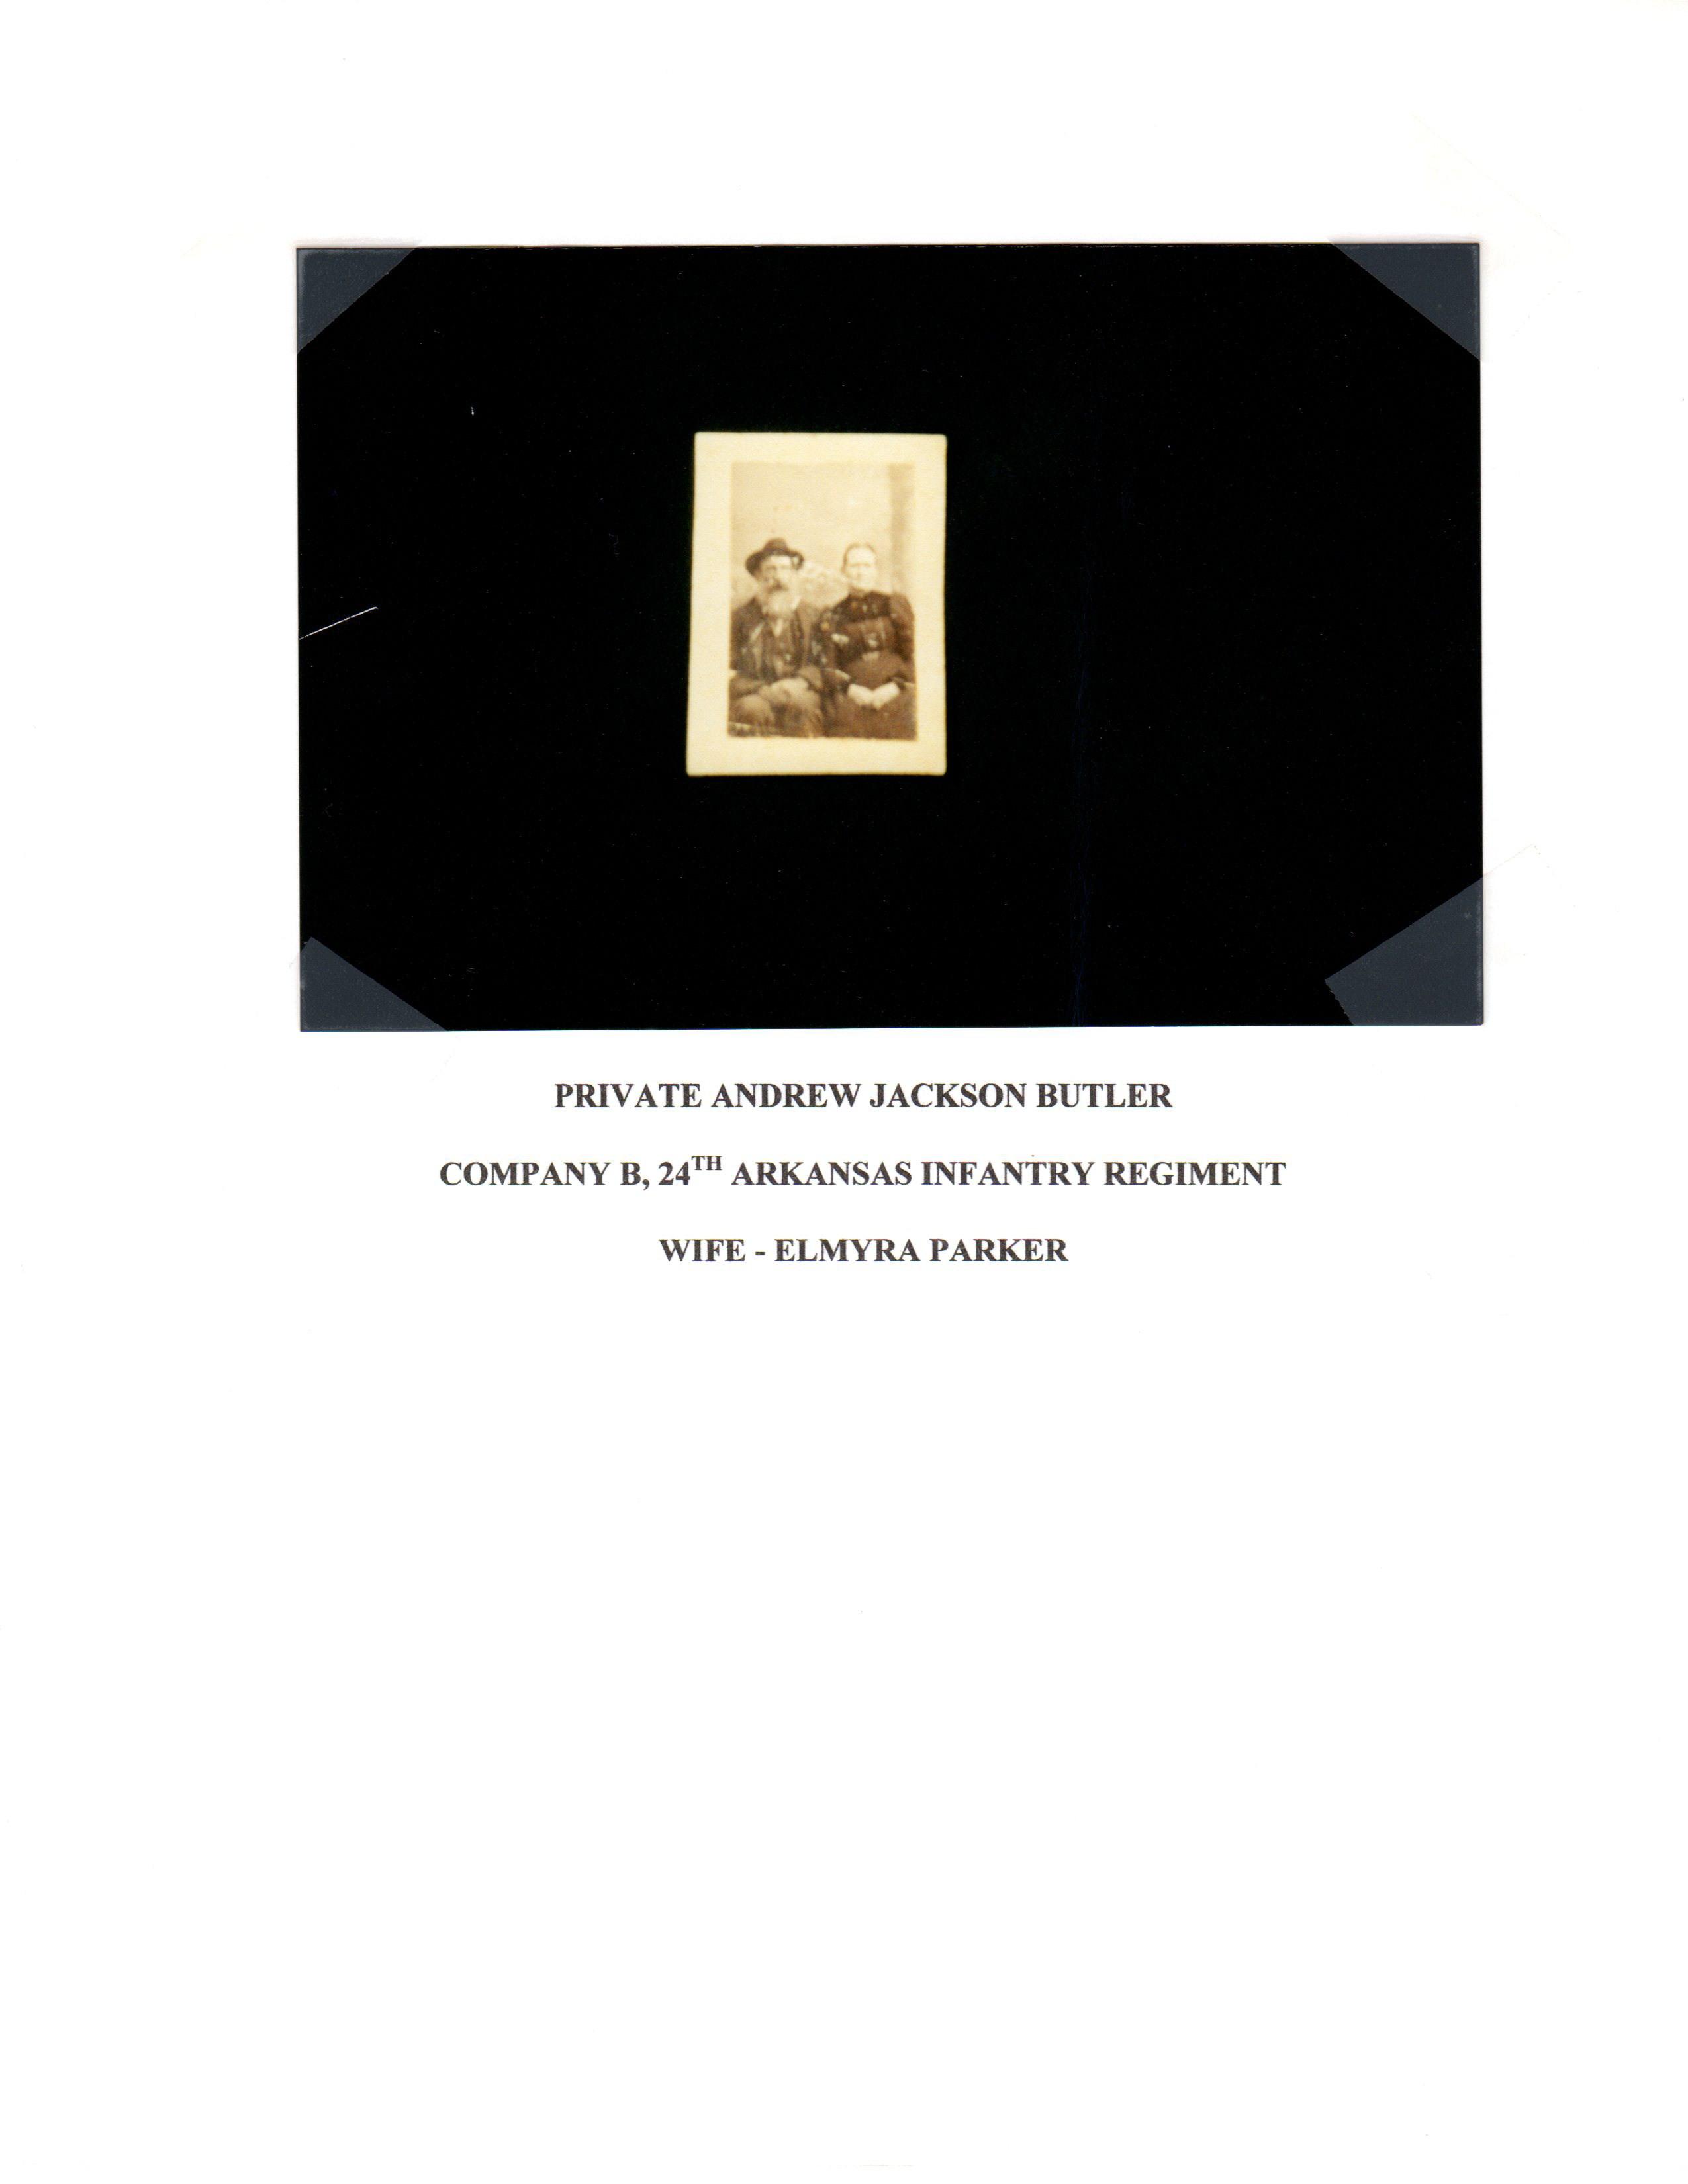 Andrew Jackson Butler